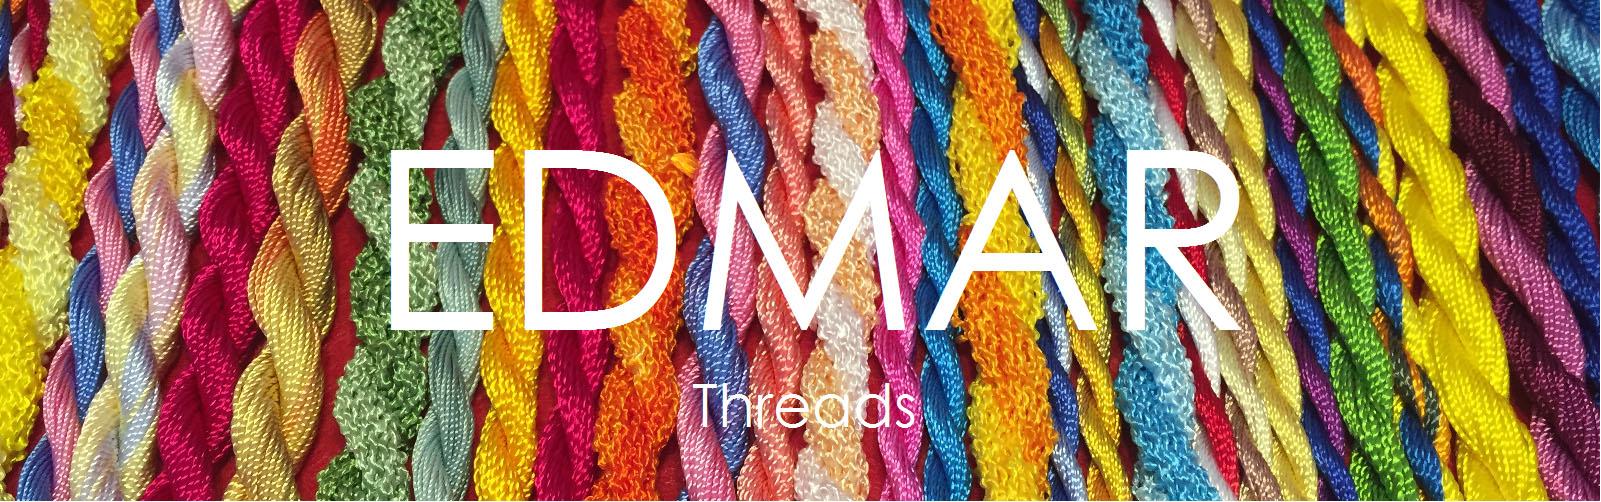 EdMar range of threads